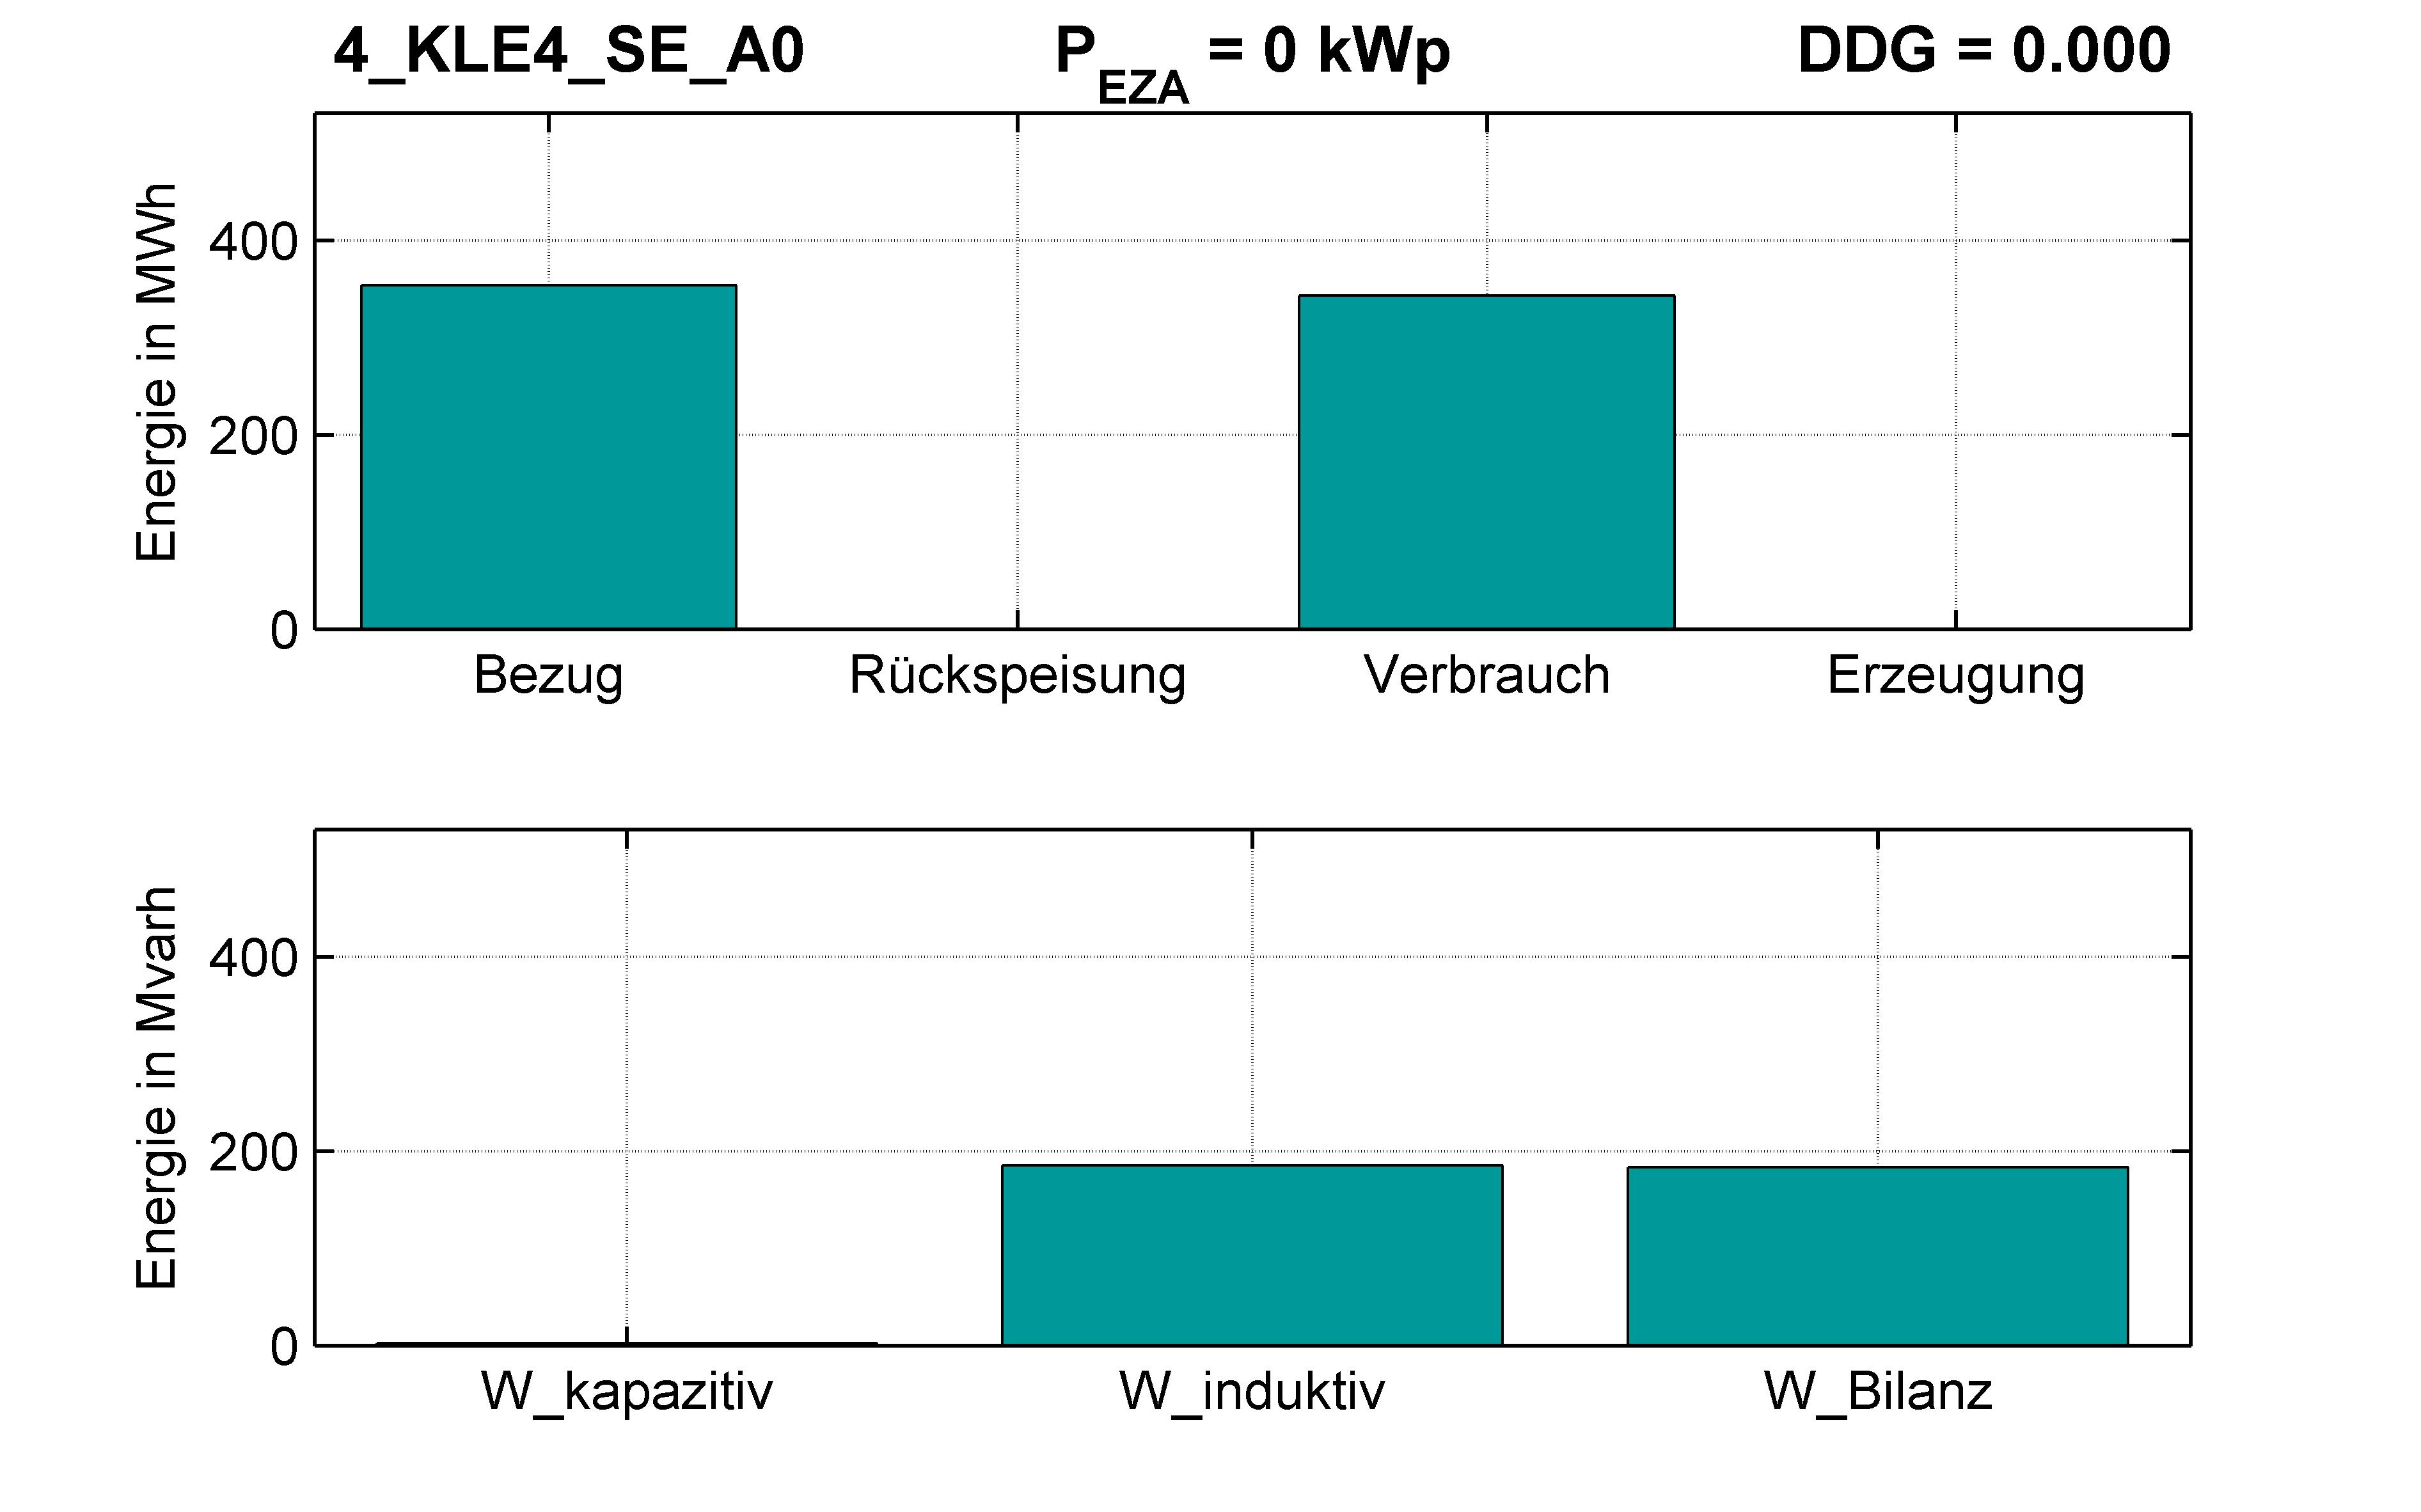 KLE4 | P-Kappung 55% (SE) A0 | PQ-Bilanz